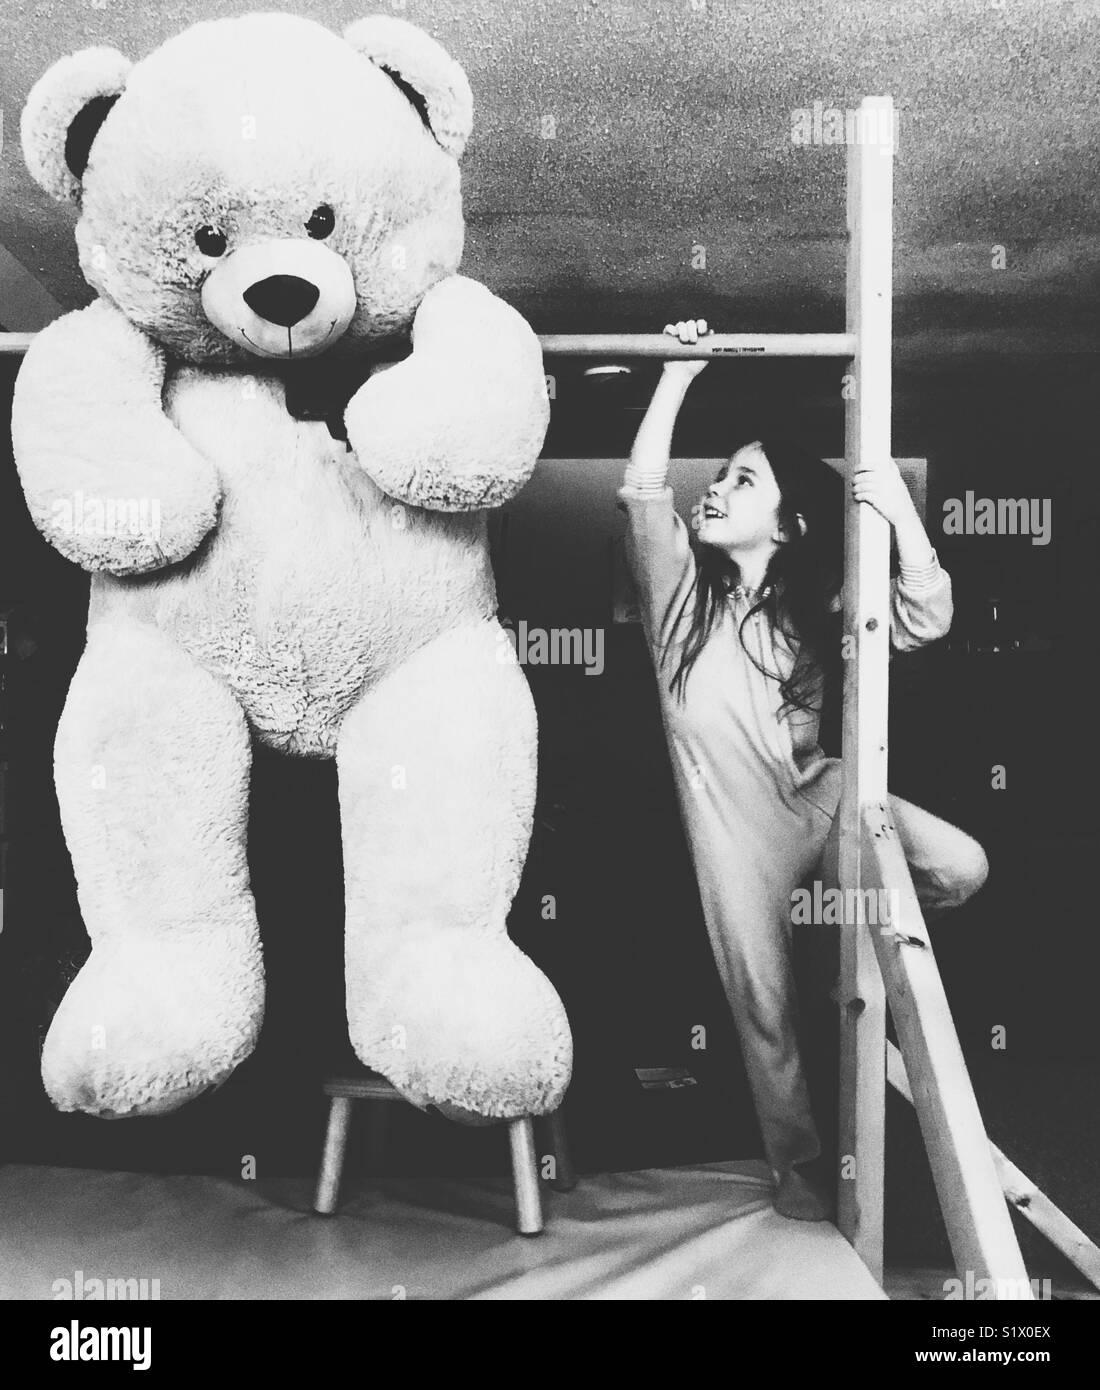 Ragazza giovane con capelli lunghi in pigiama salendo per raggiungere giant oversize orsacchiotto appeso sulla ginnastica Immagini Stock